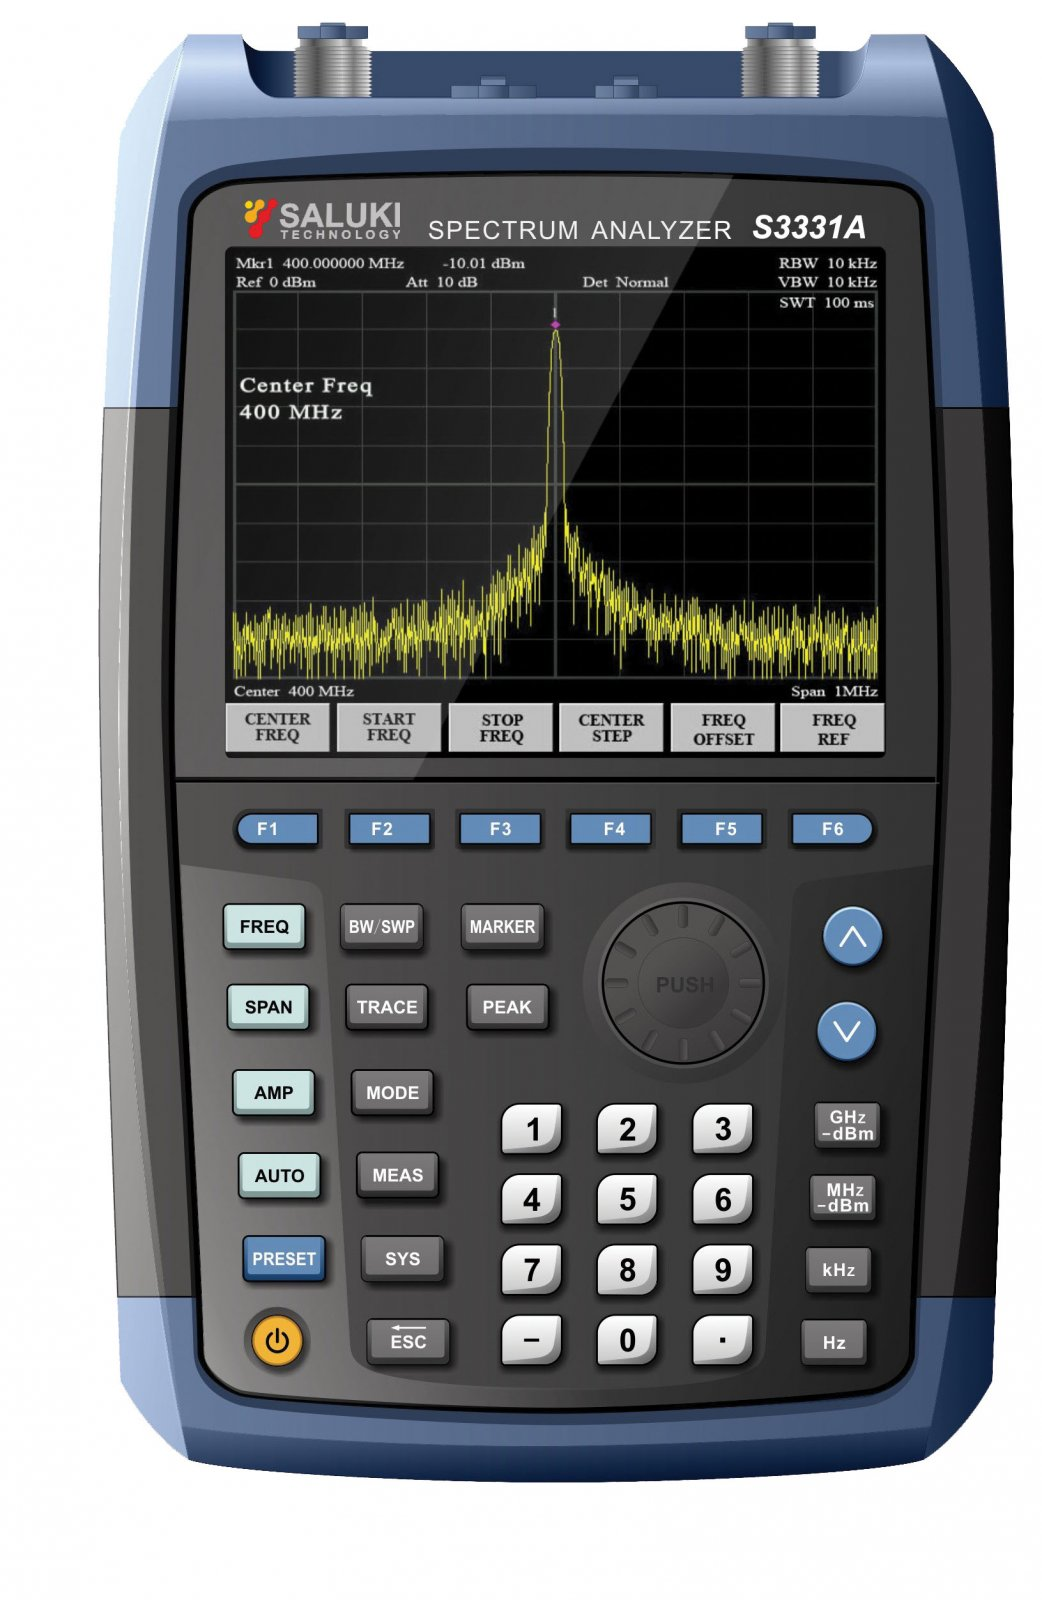 Новая серия портативных анализаторов спектра S3331A/B от Saluki Technology